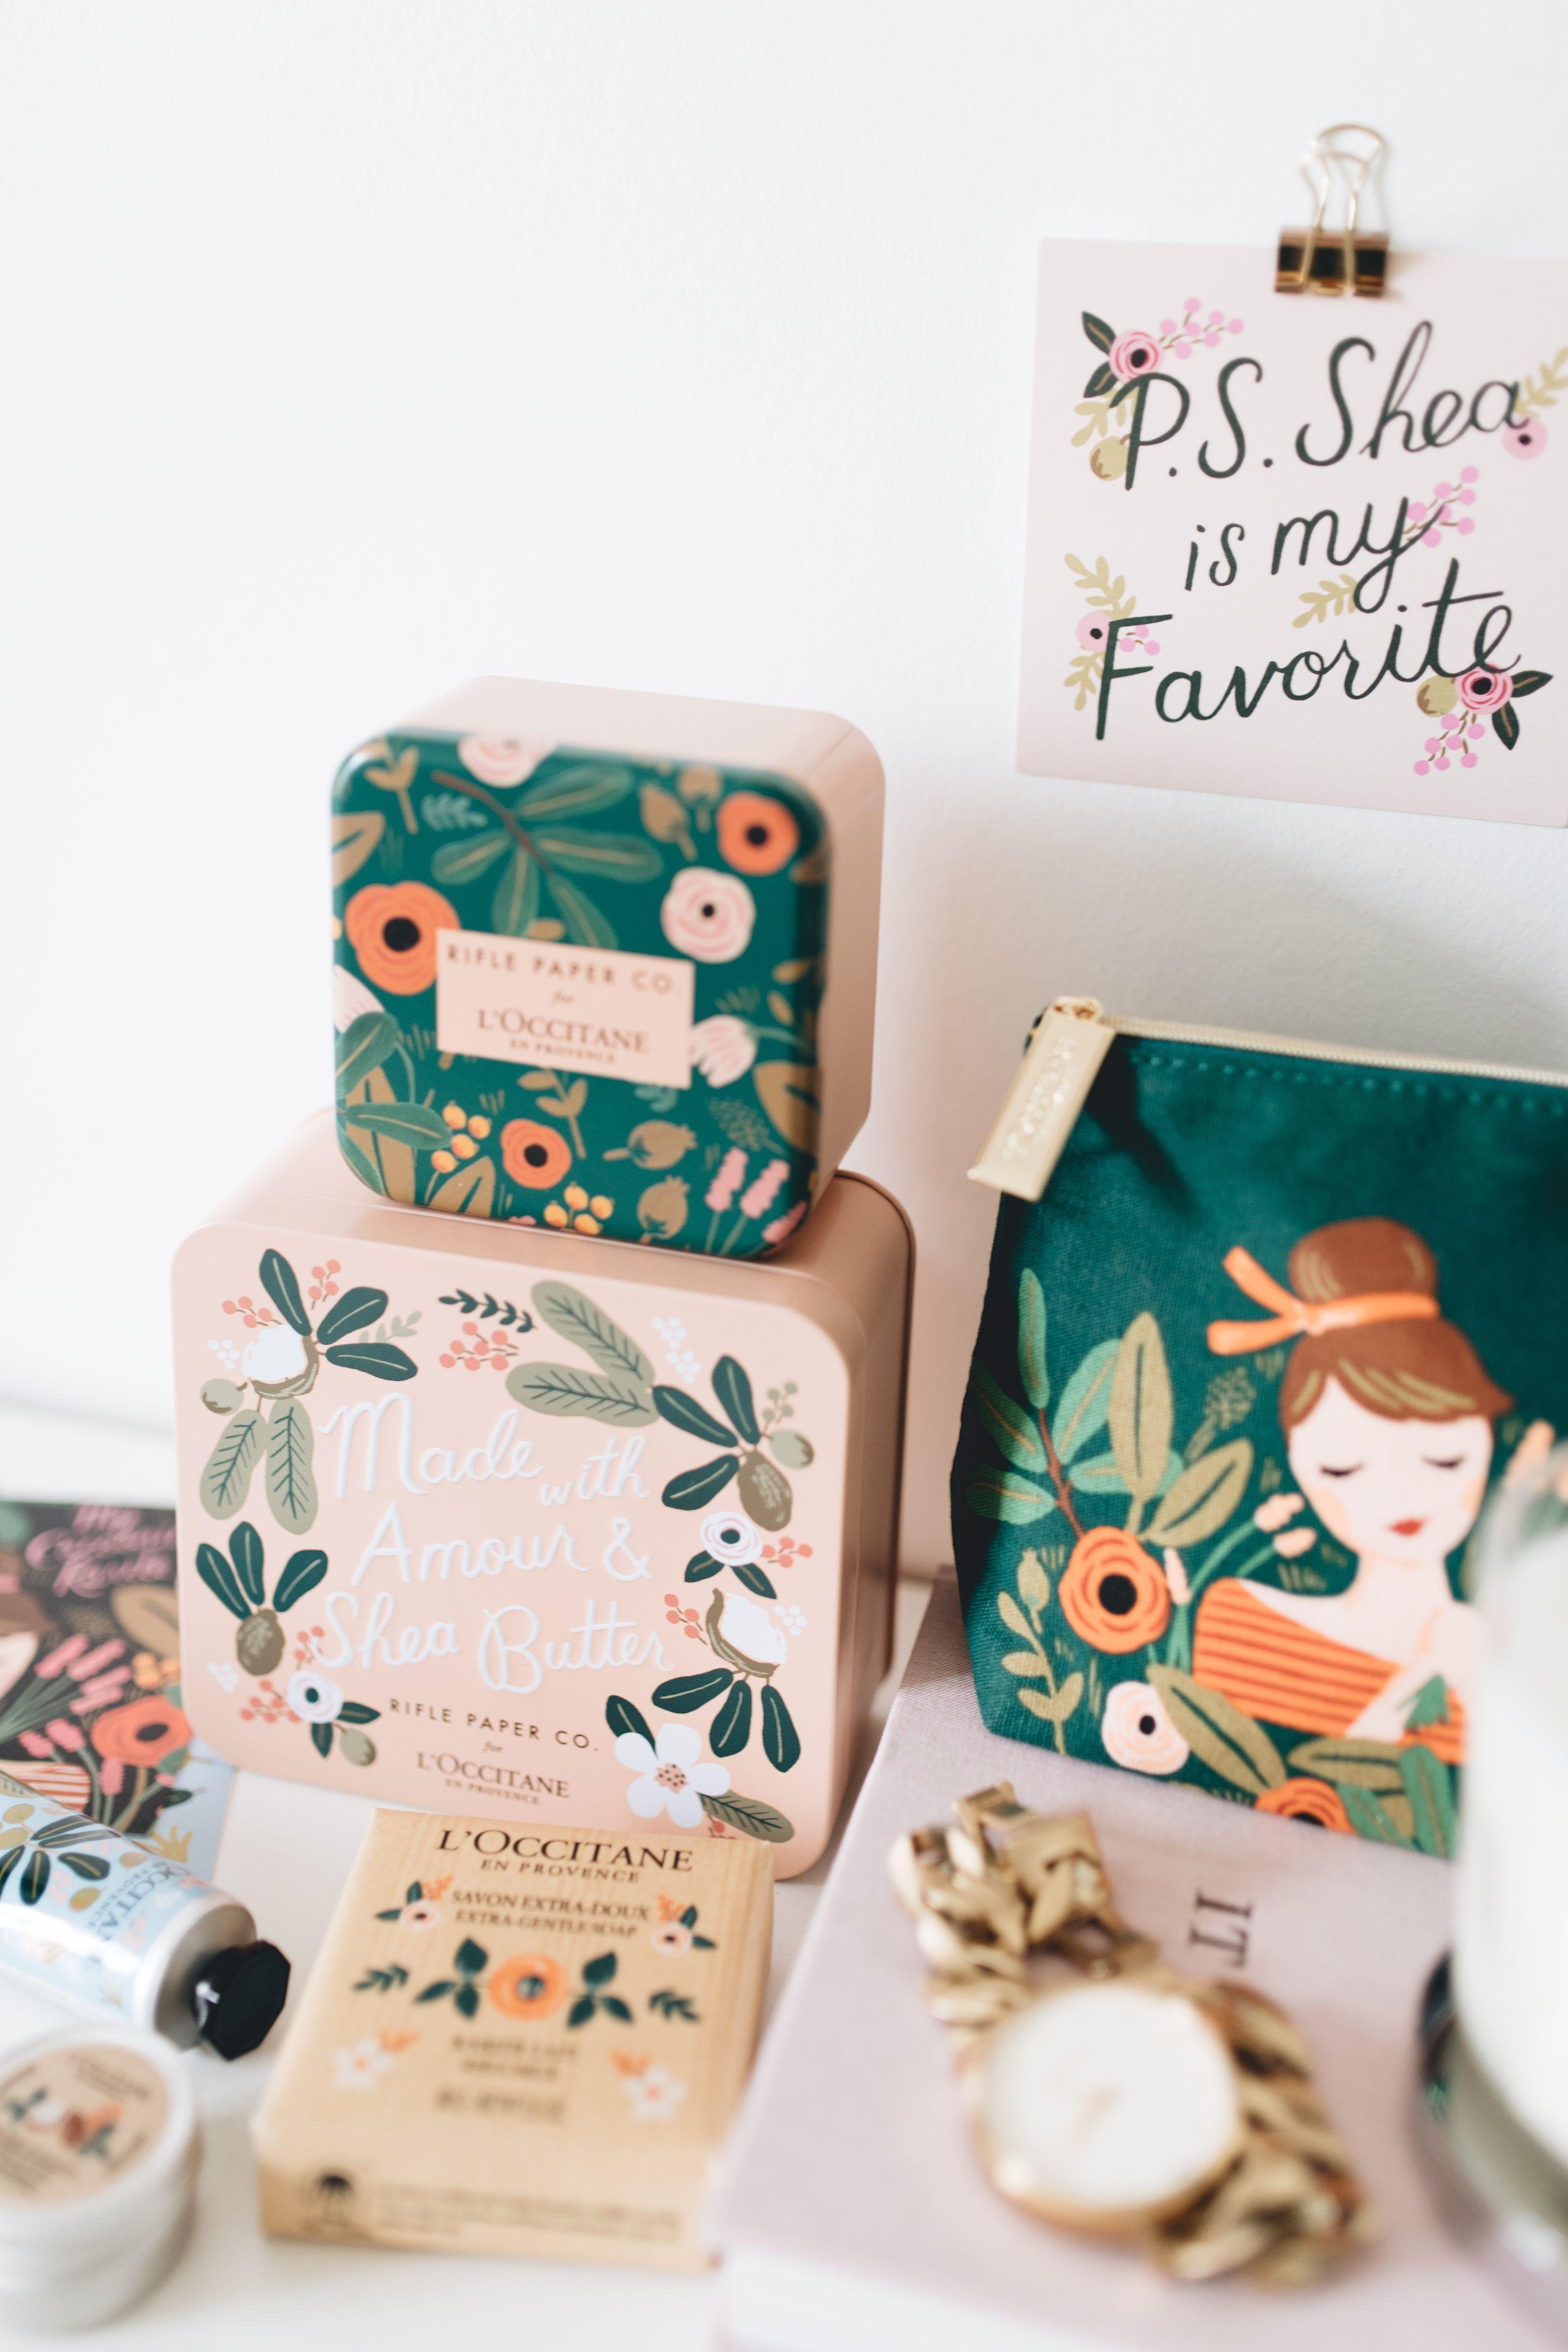 22 0us Women S Sweatshirt Autumn 2021 Short Long Sleeve Tie Dye Printed Top Bts Hoodies Hoodies Sweatshirts Aliexpress Tea Packaging Design Feminine Packaging Design Packaging Design Inspiration